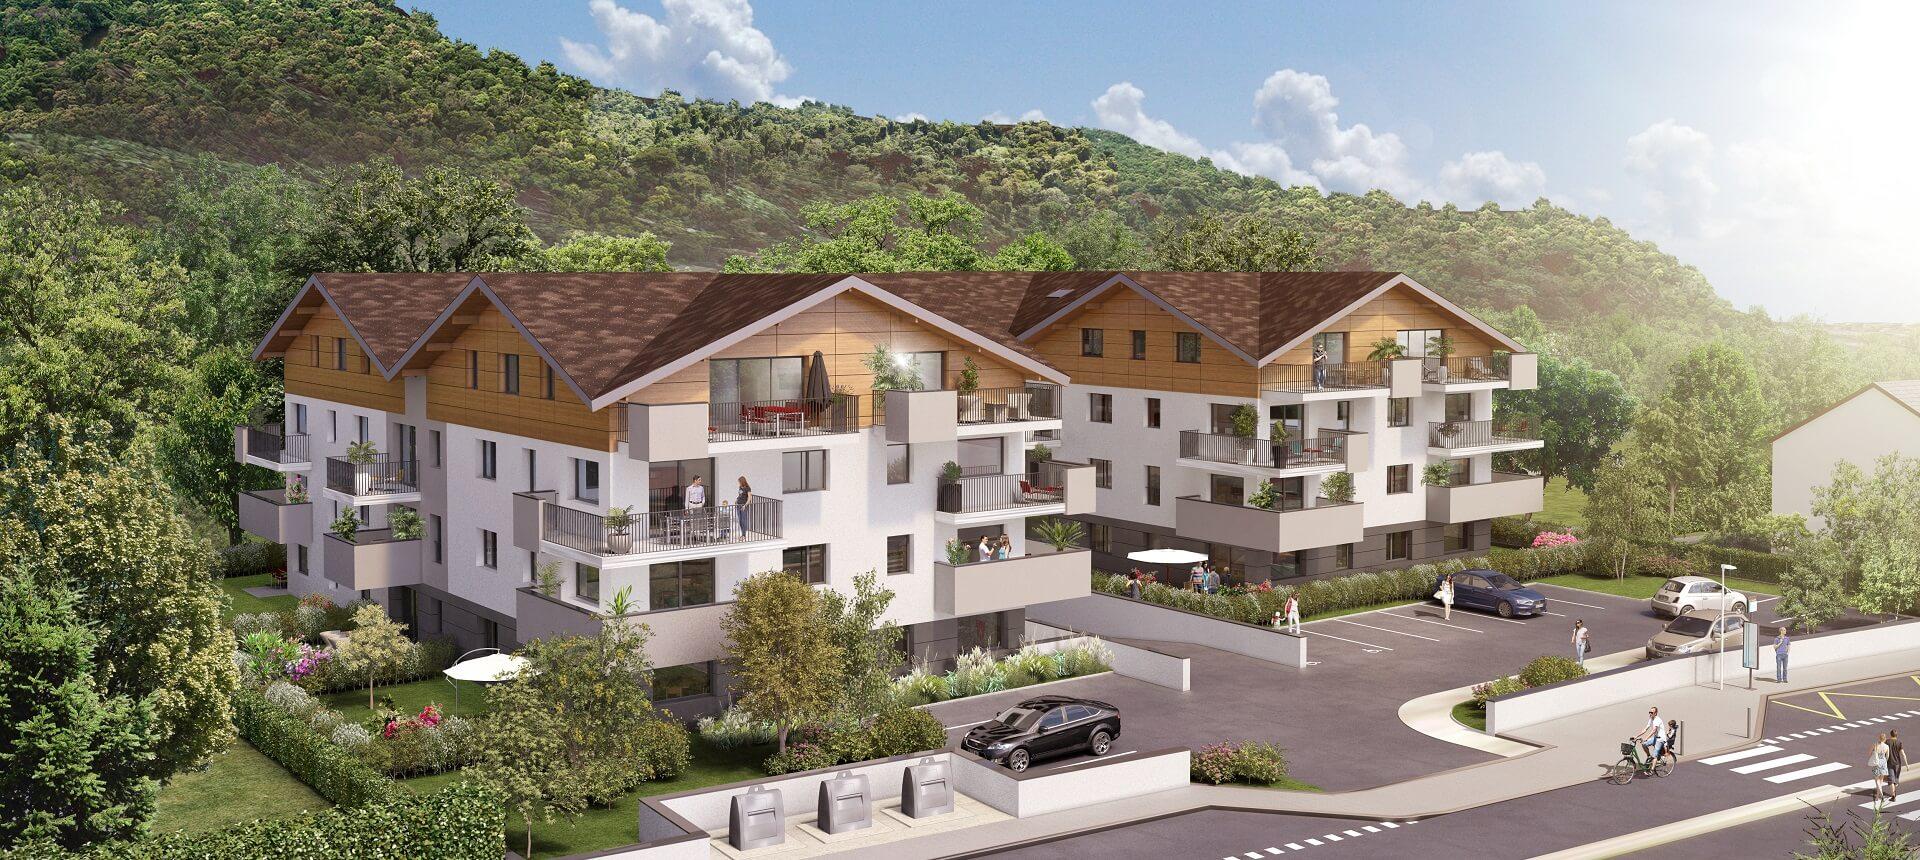 Programme immobilier Publier (74500) Entre le Lac Léman et le massif du Chablais CRA11